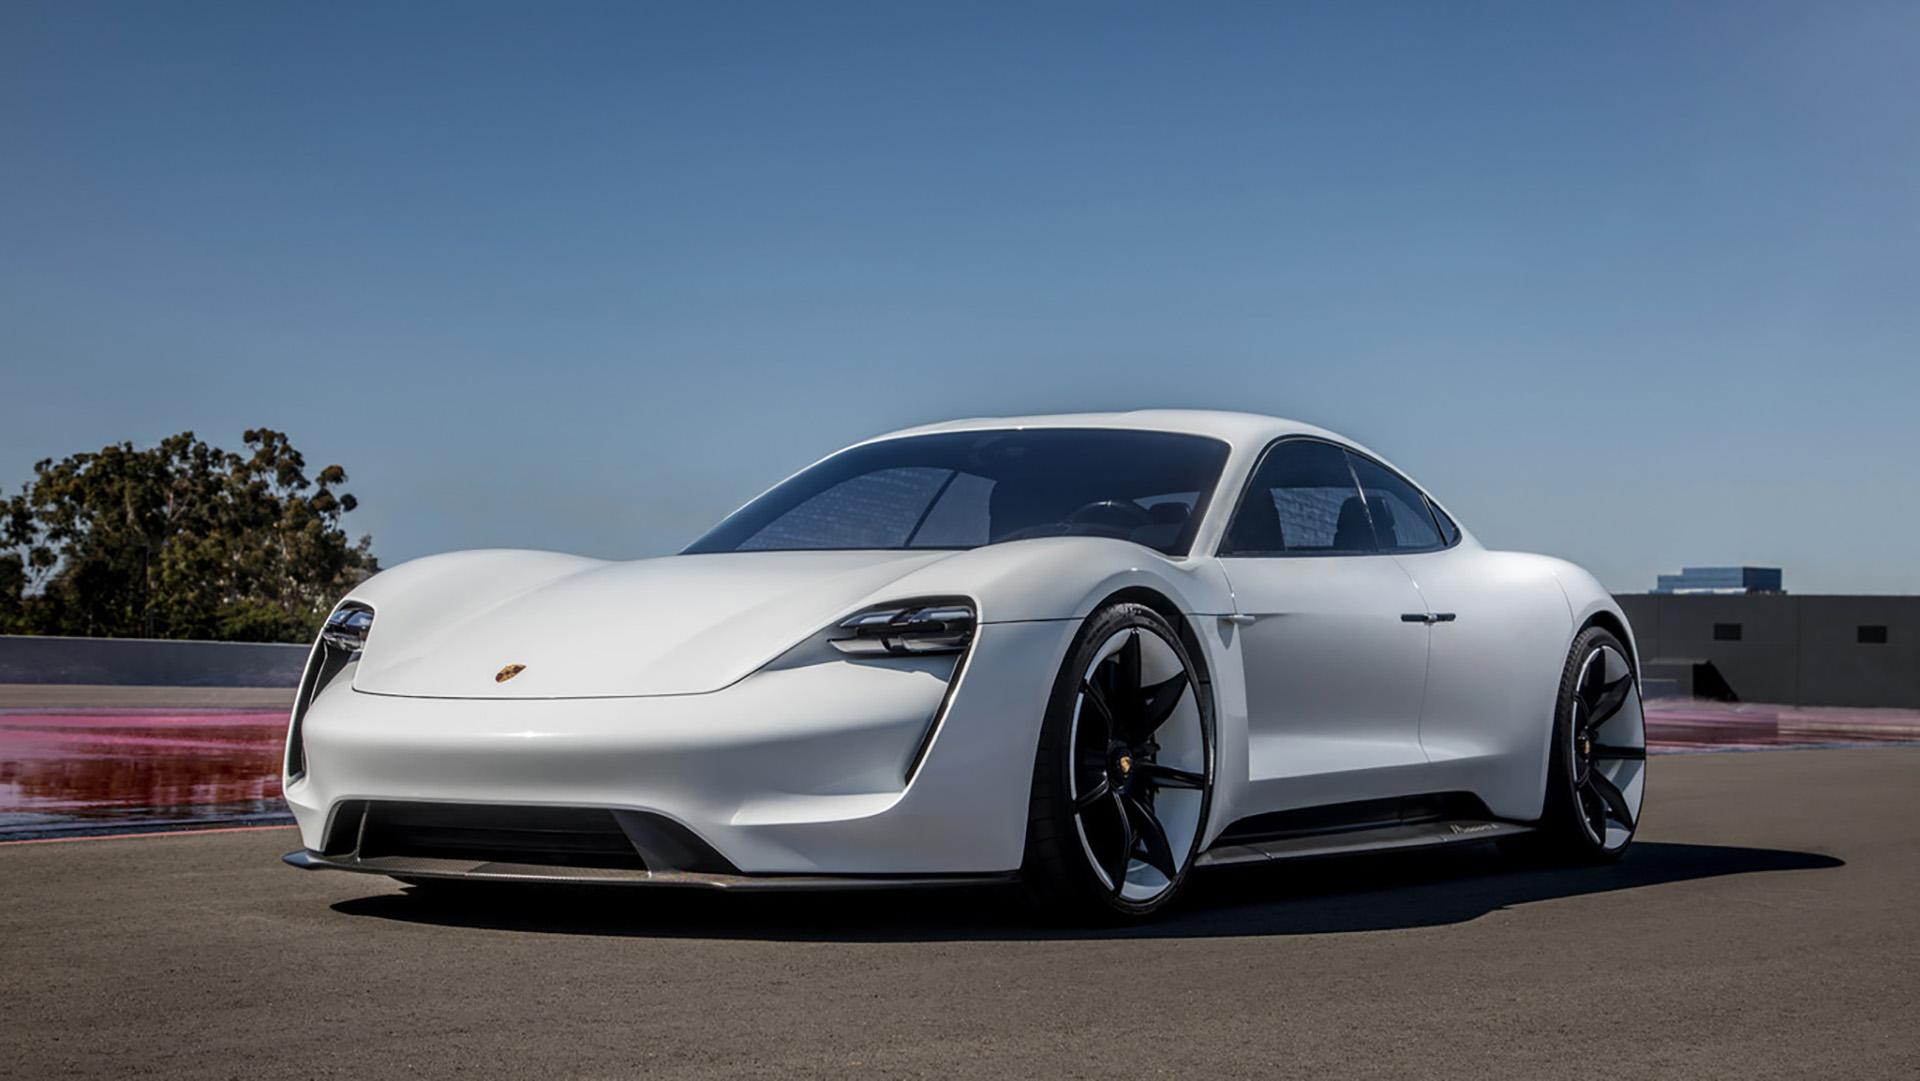 El Porsche Taycan tendrá espacio para cuatro personas